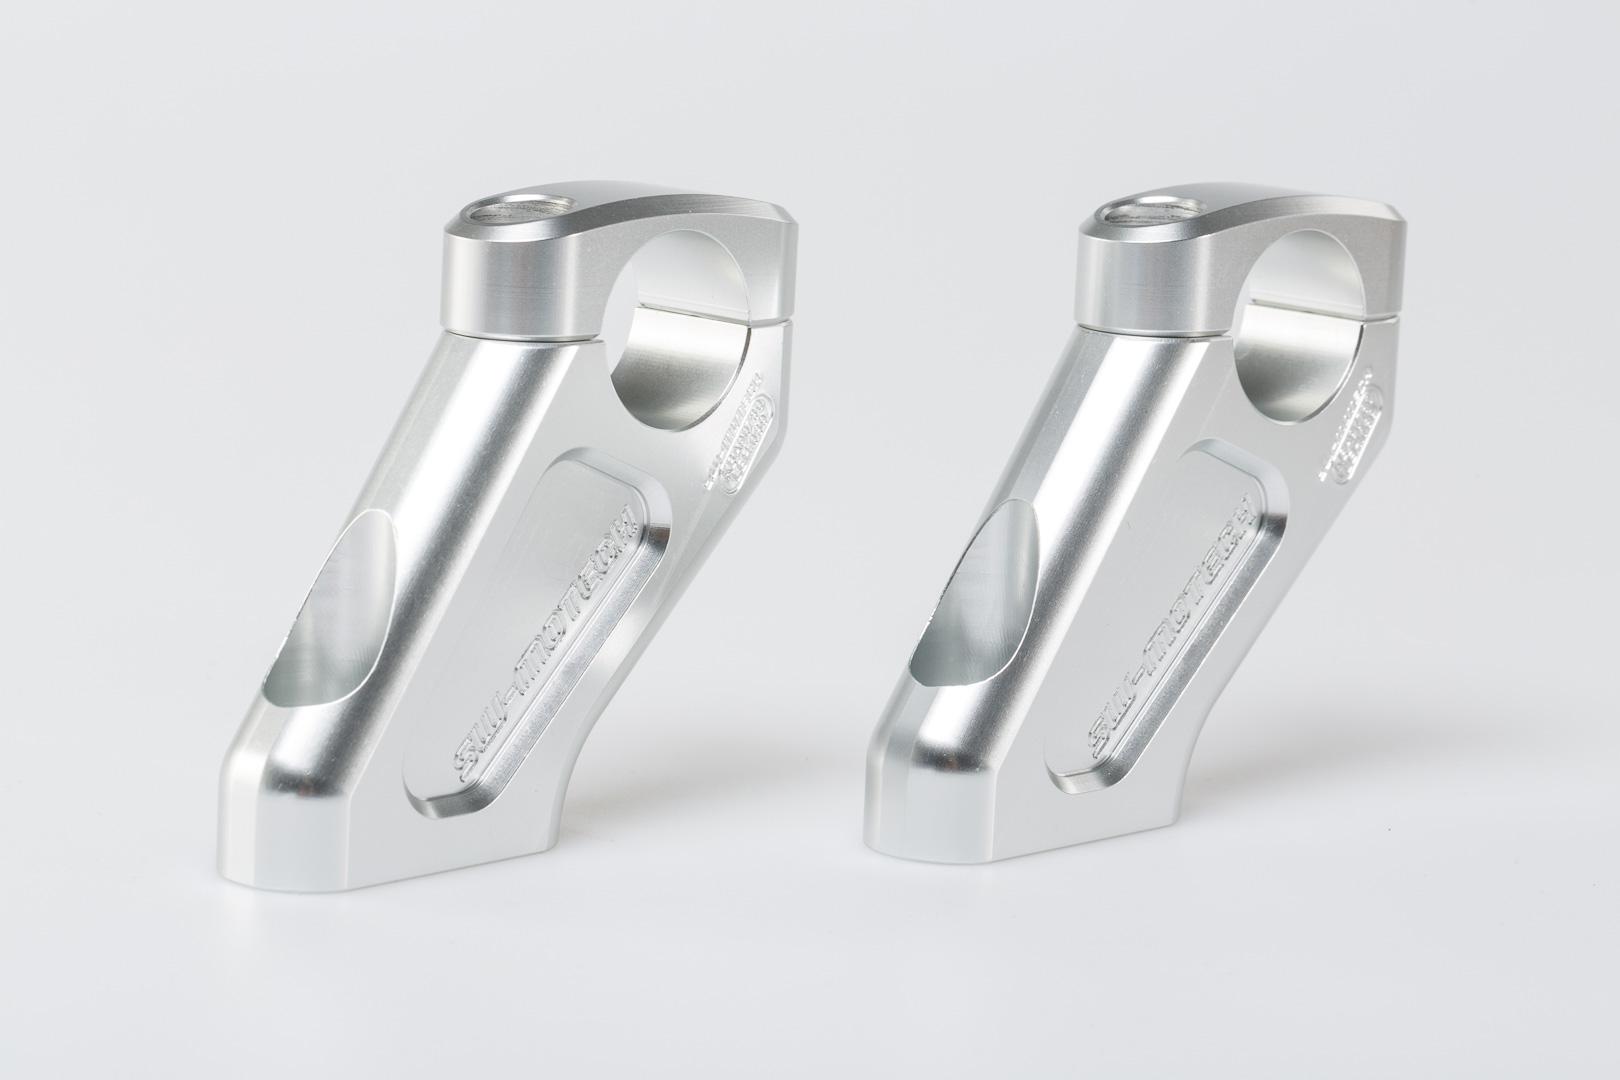 Barback tangonkiinnike, korotus 20 mm, siirto taakse 30 mm, hopea R1200GS 08-